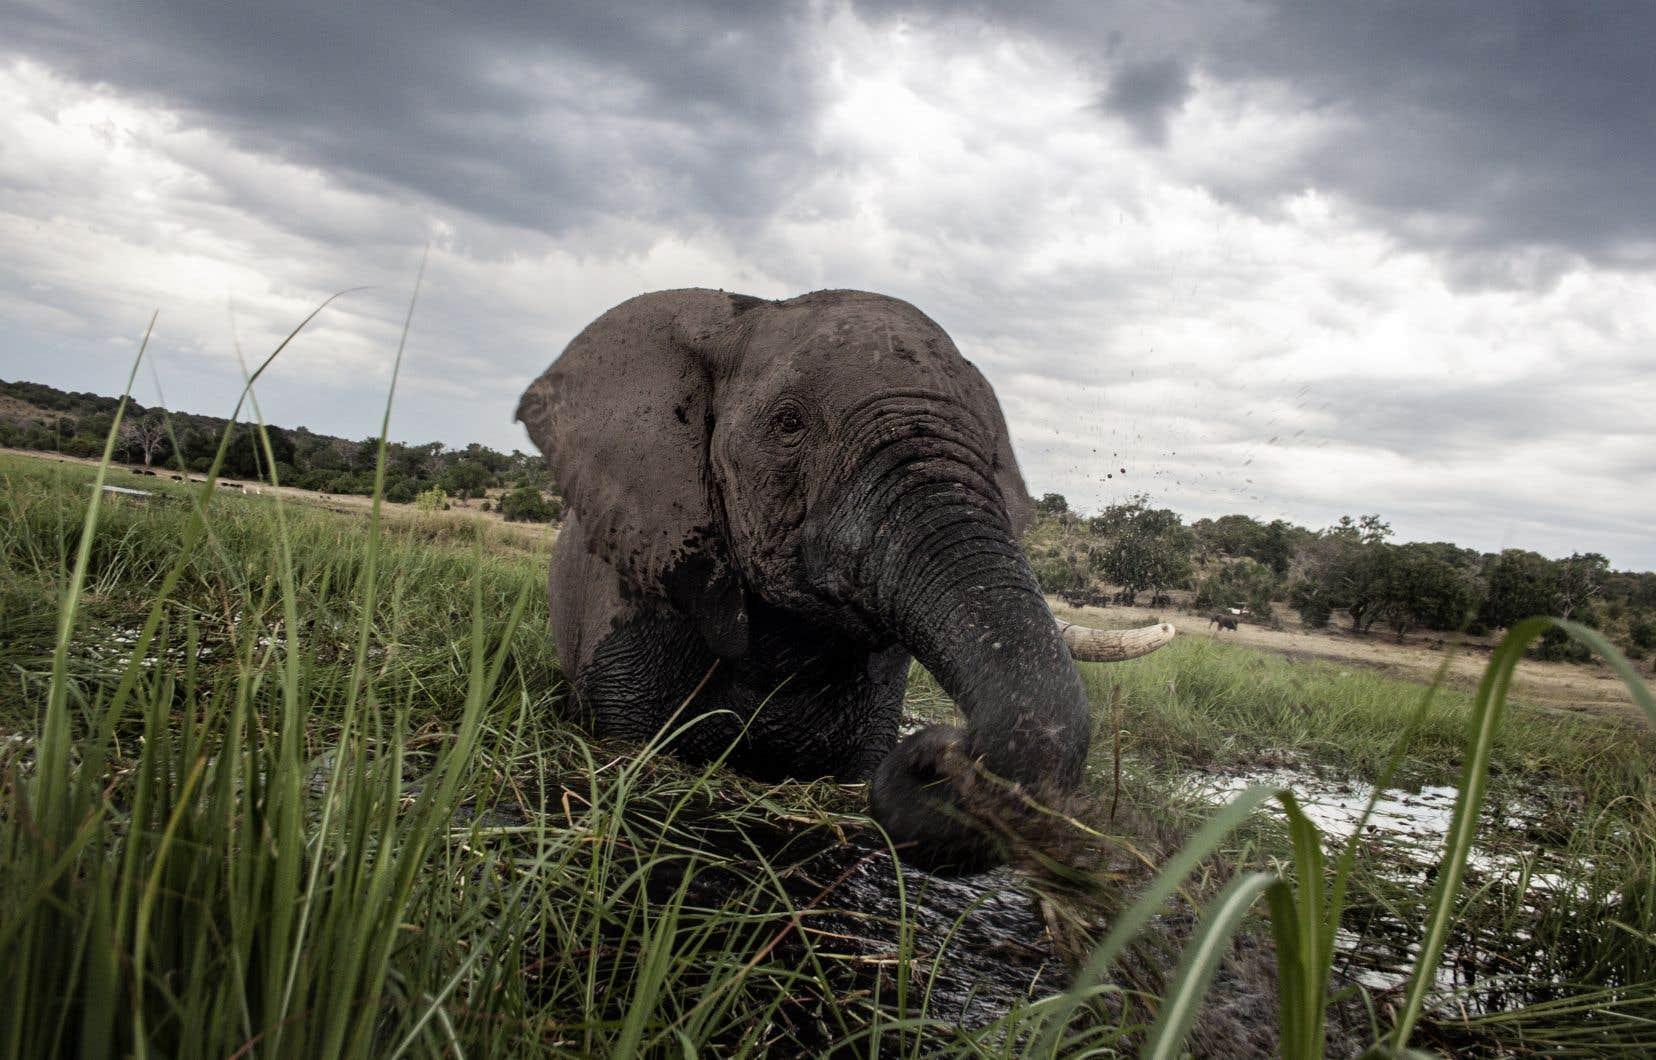 Un éléphanteau s'amuse dans une rivière du parc national de Chobe, dans le nord du Botswana.